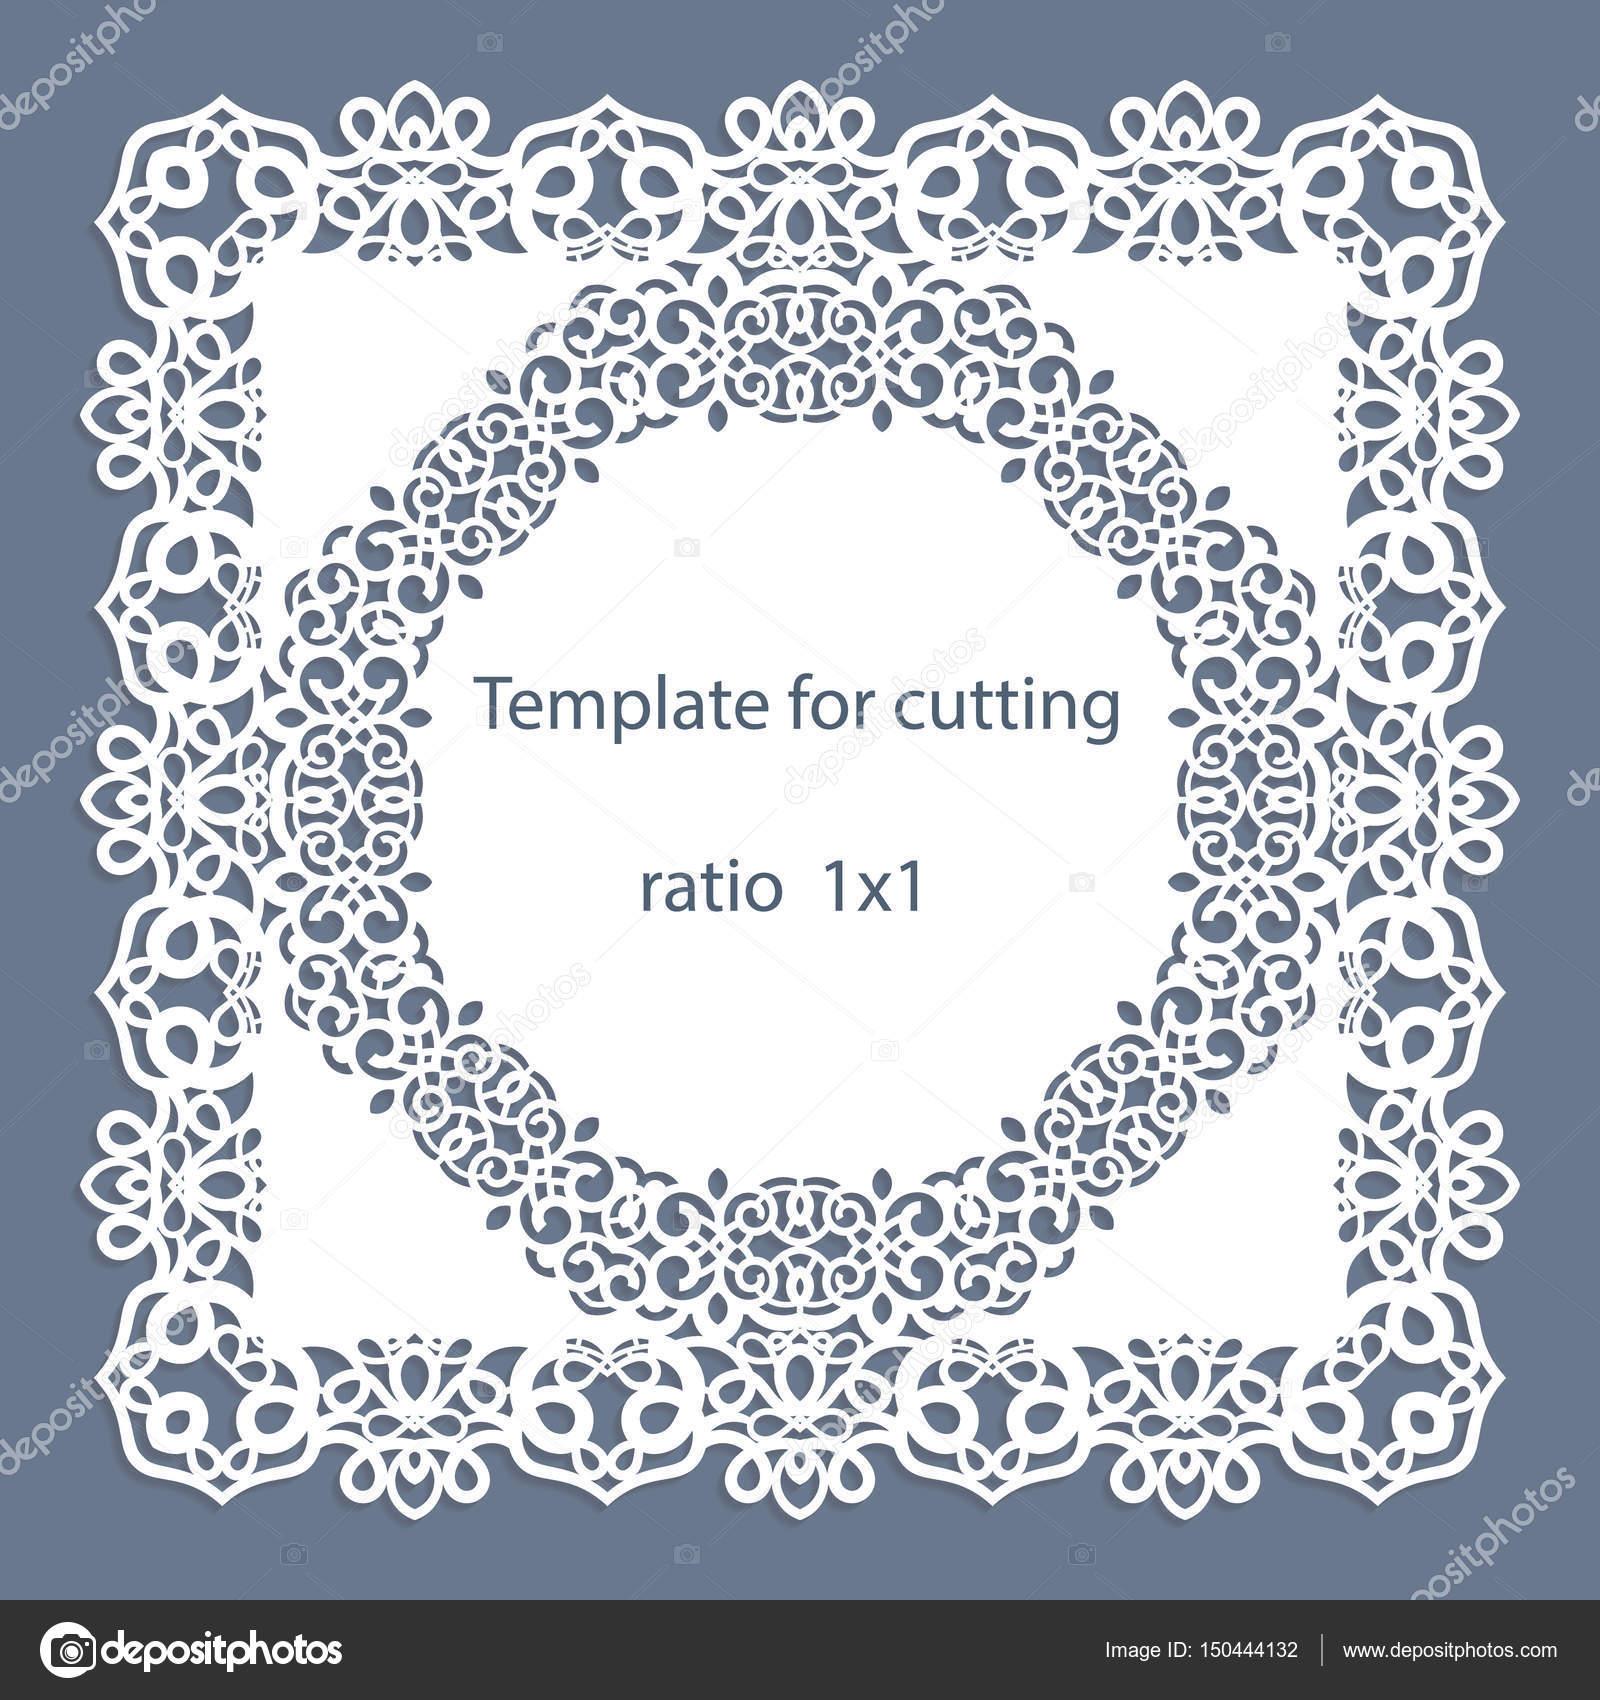 Аксессуары для тандыра: шампур, решетка, приспособление елочка